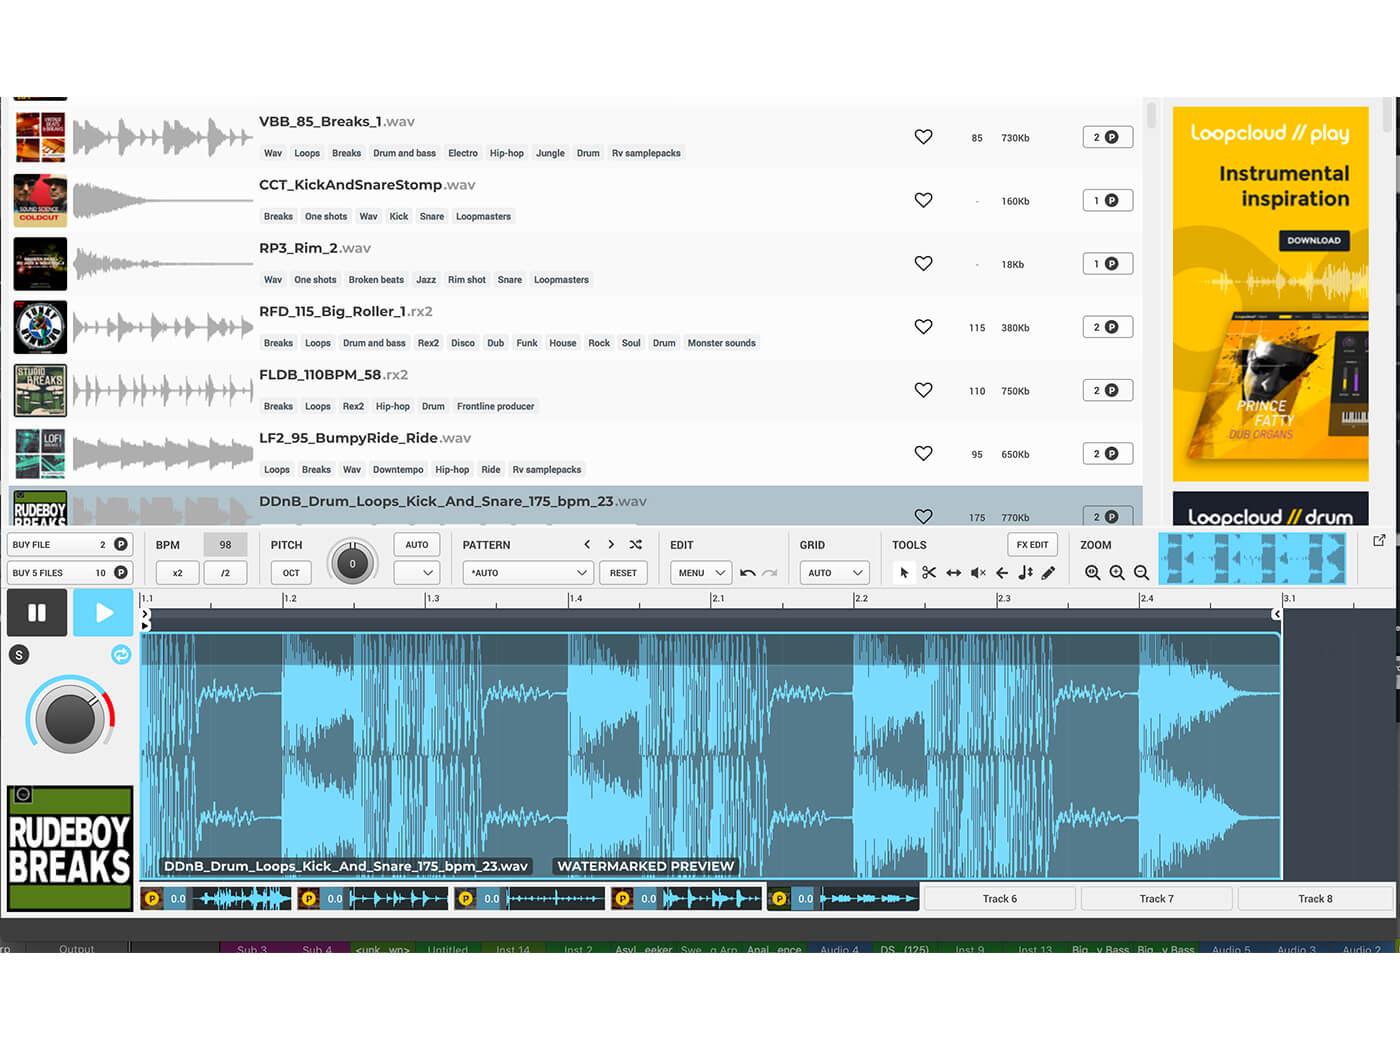 Loopmasters Loopcloud 5 Multi-track recorder